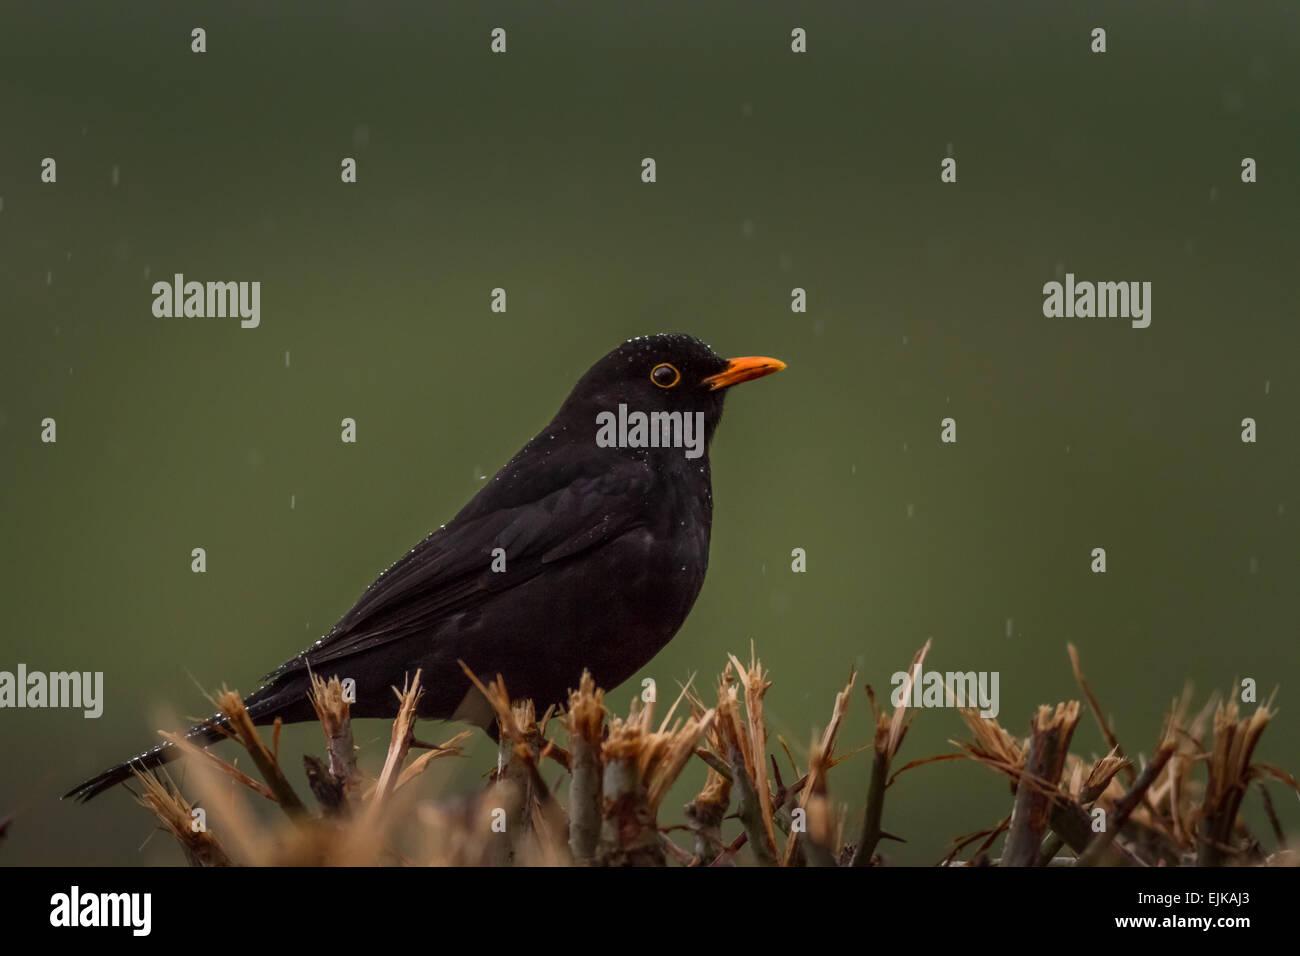 Pleuvoir sur un blackbird dans une haie, Yorkshire, UK Photo Stock